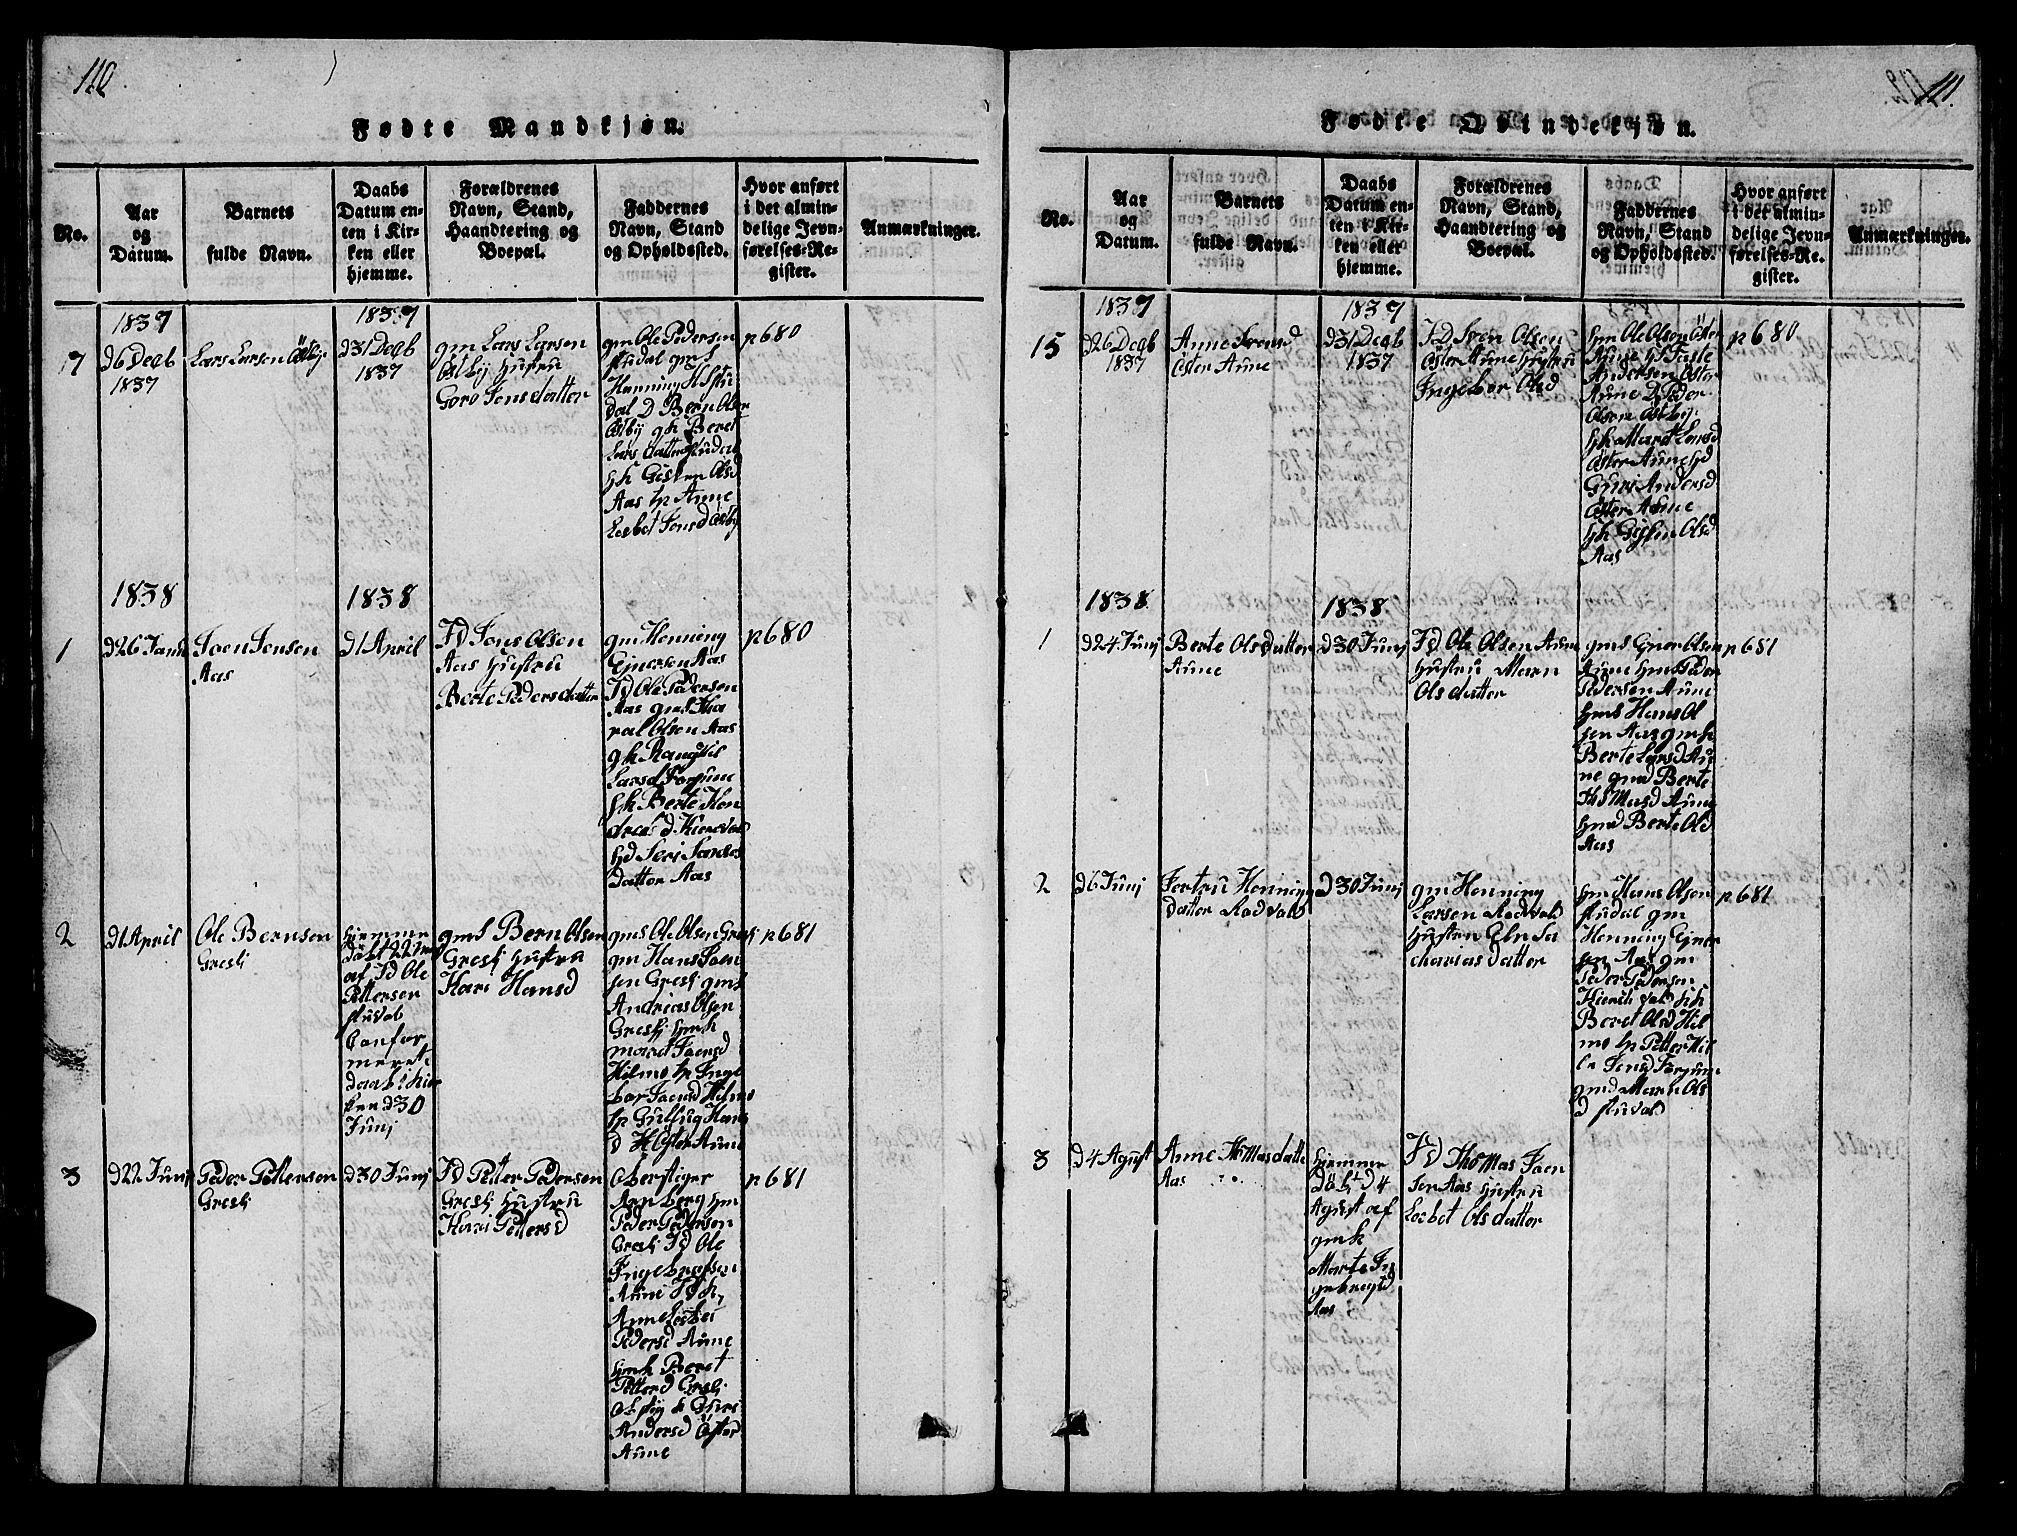 SAT, Ministerialprotokoller, klokkerbøker og fødselsregistre - Sør-Trøndelag, 698/L1164: Klokkerbok nr. 698C01, 1816-1861, s. 110-111